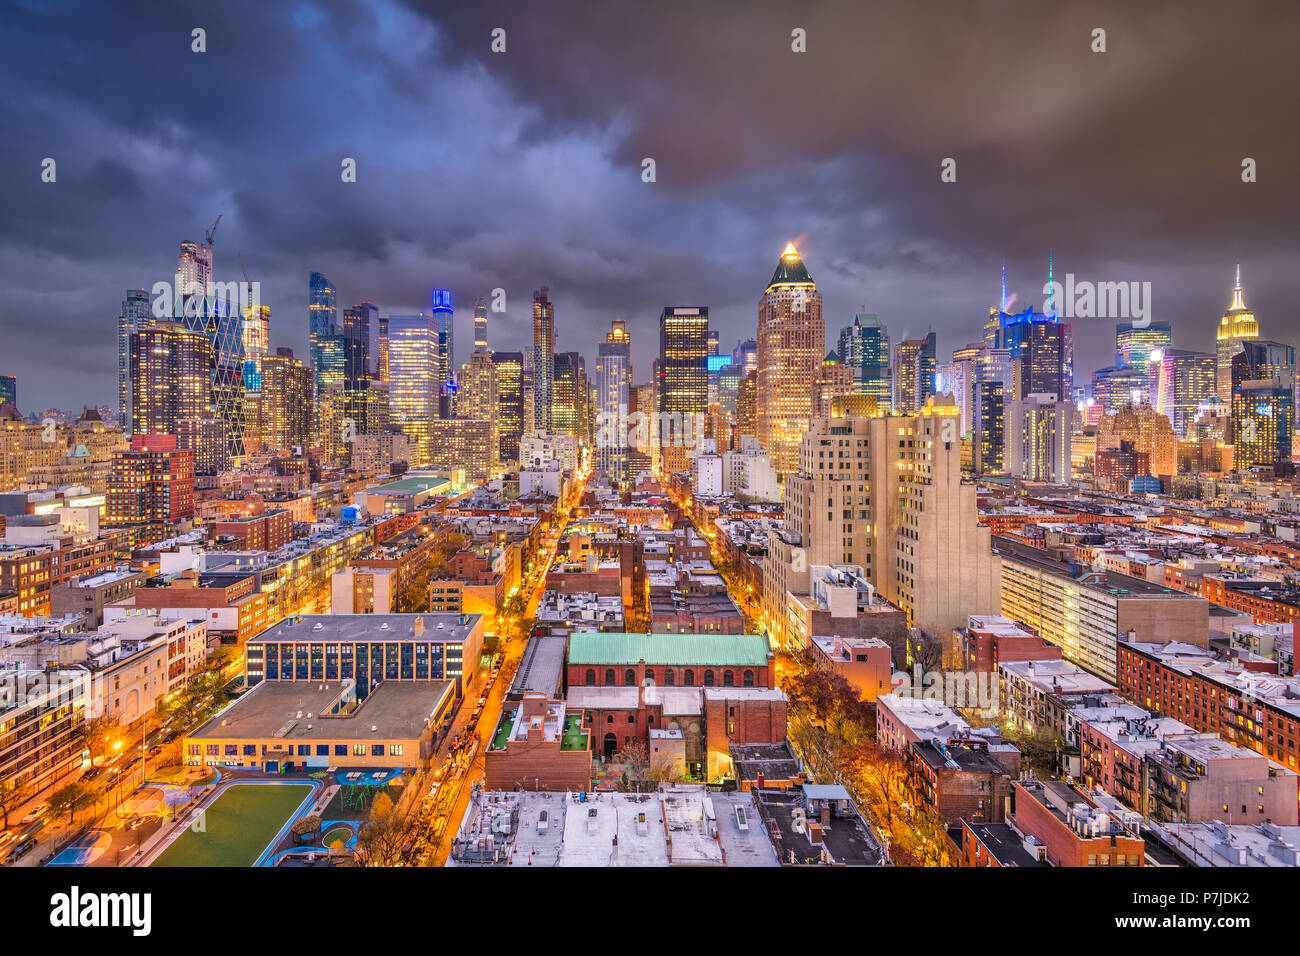 New York, New York, Stati Uniti d'America cityscape di Manhattan al crepuscolo. Immagini Stock